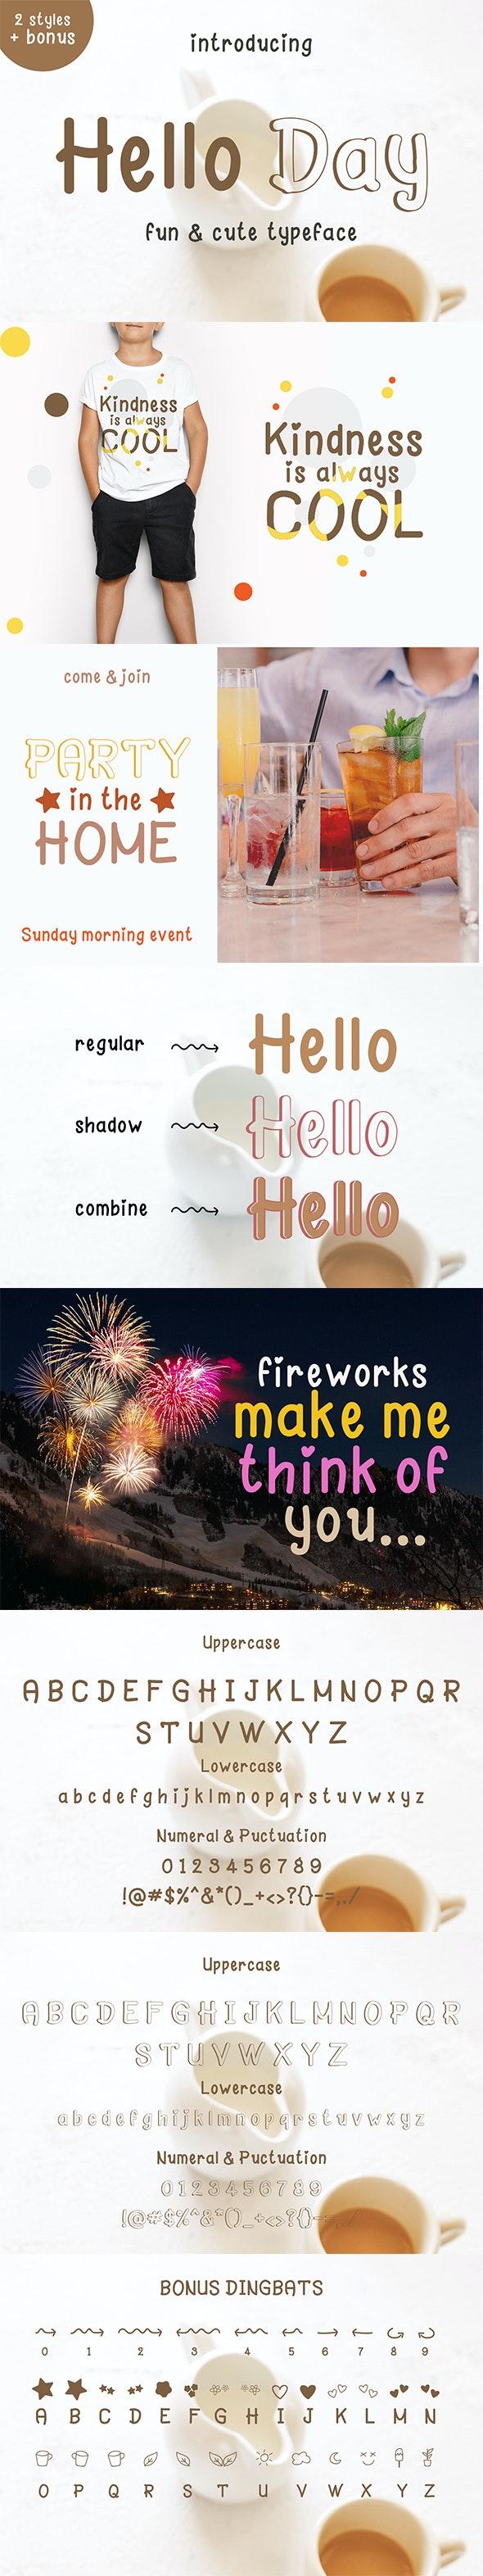 Hello Day - Fun and Cute Font by jozgandoz | GraphicRiver